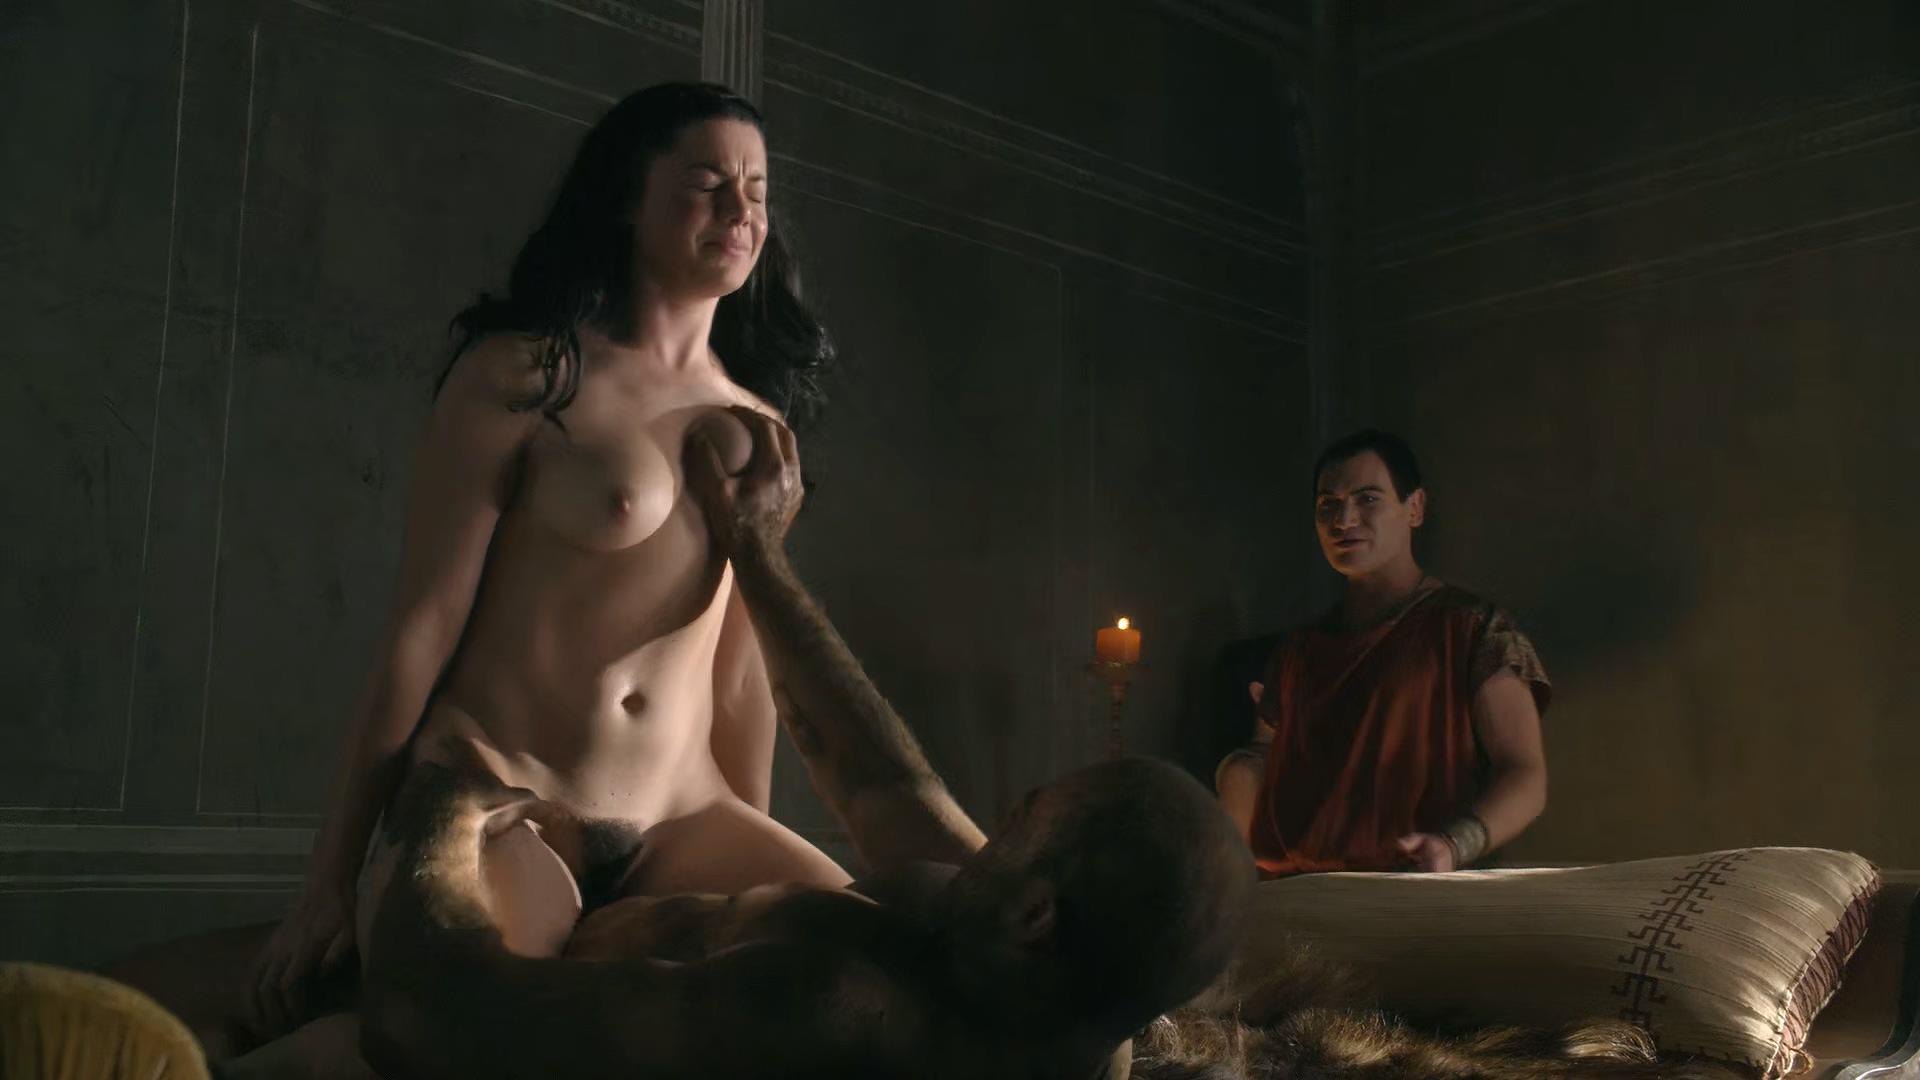 Откровенная эротика в кино фрагменты